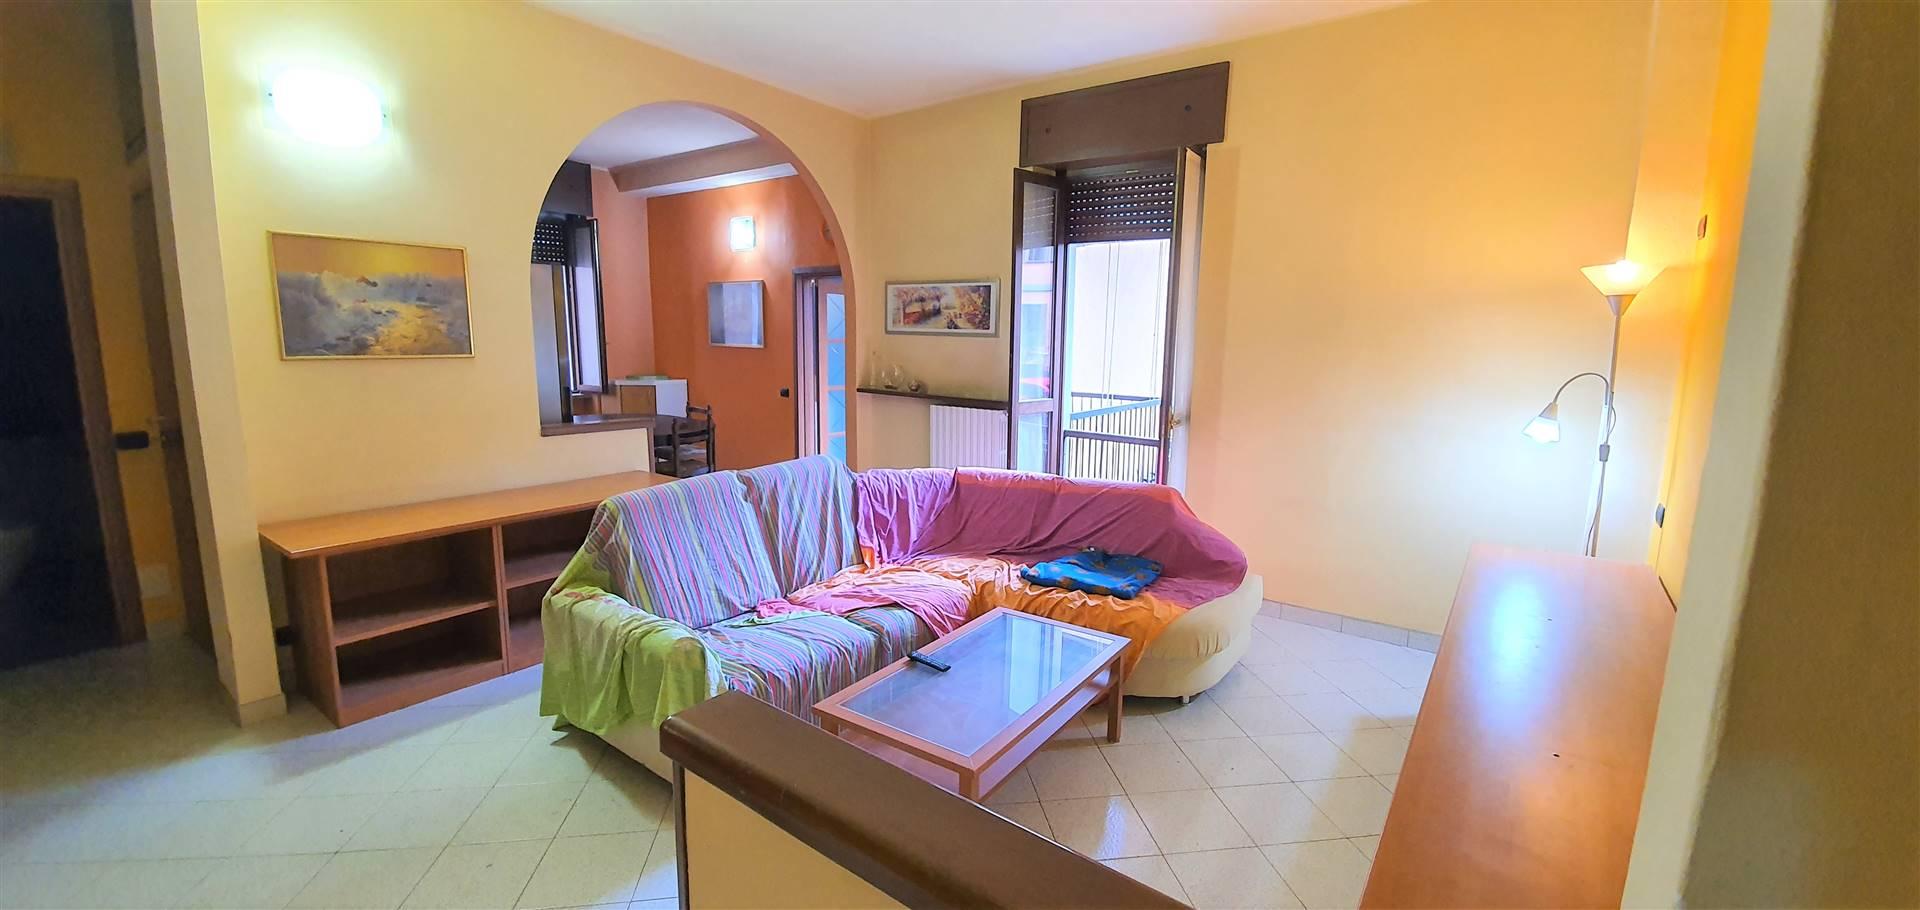 Appartamento in vendita a Senago, 2 locali, zona Località: CASTELLETTO, prezzo € 89.000   CambioCasa.it